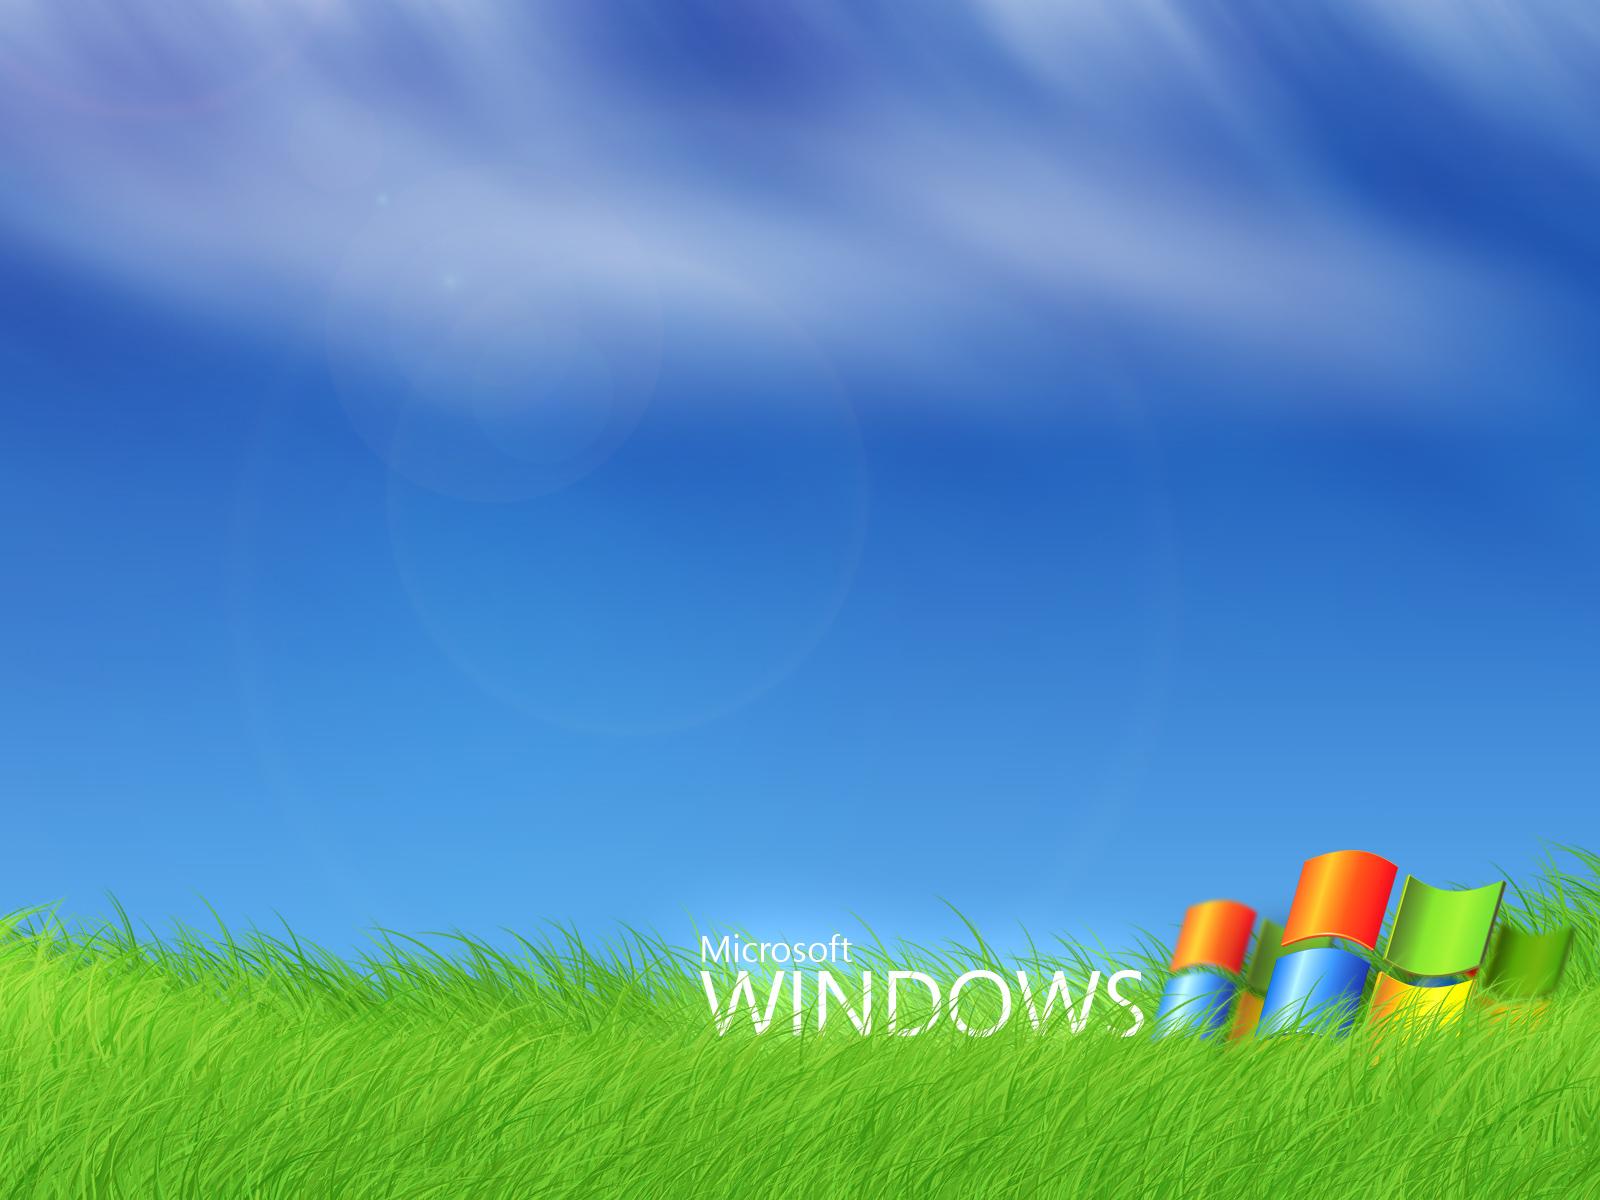 http://3.bp.blogspot.com/_BFYlnQUsPgo/TPQKfu7jPKI/AAAAAAAAAxA/5y-Gkf219B0/s1600/windows7-wallpaper1211.jpg